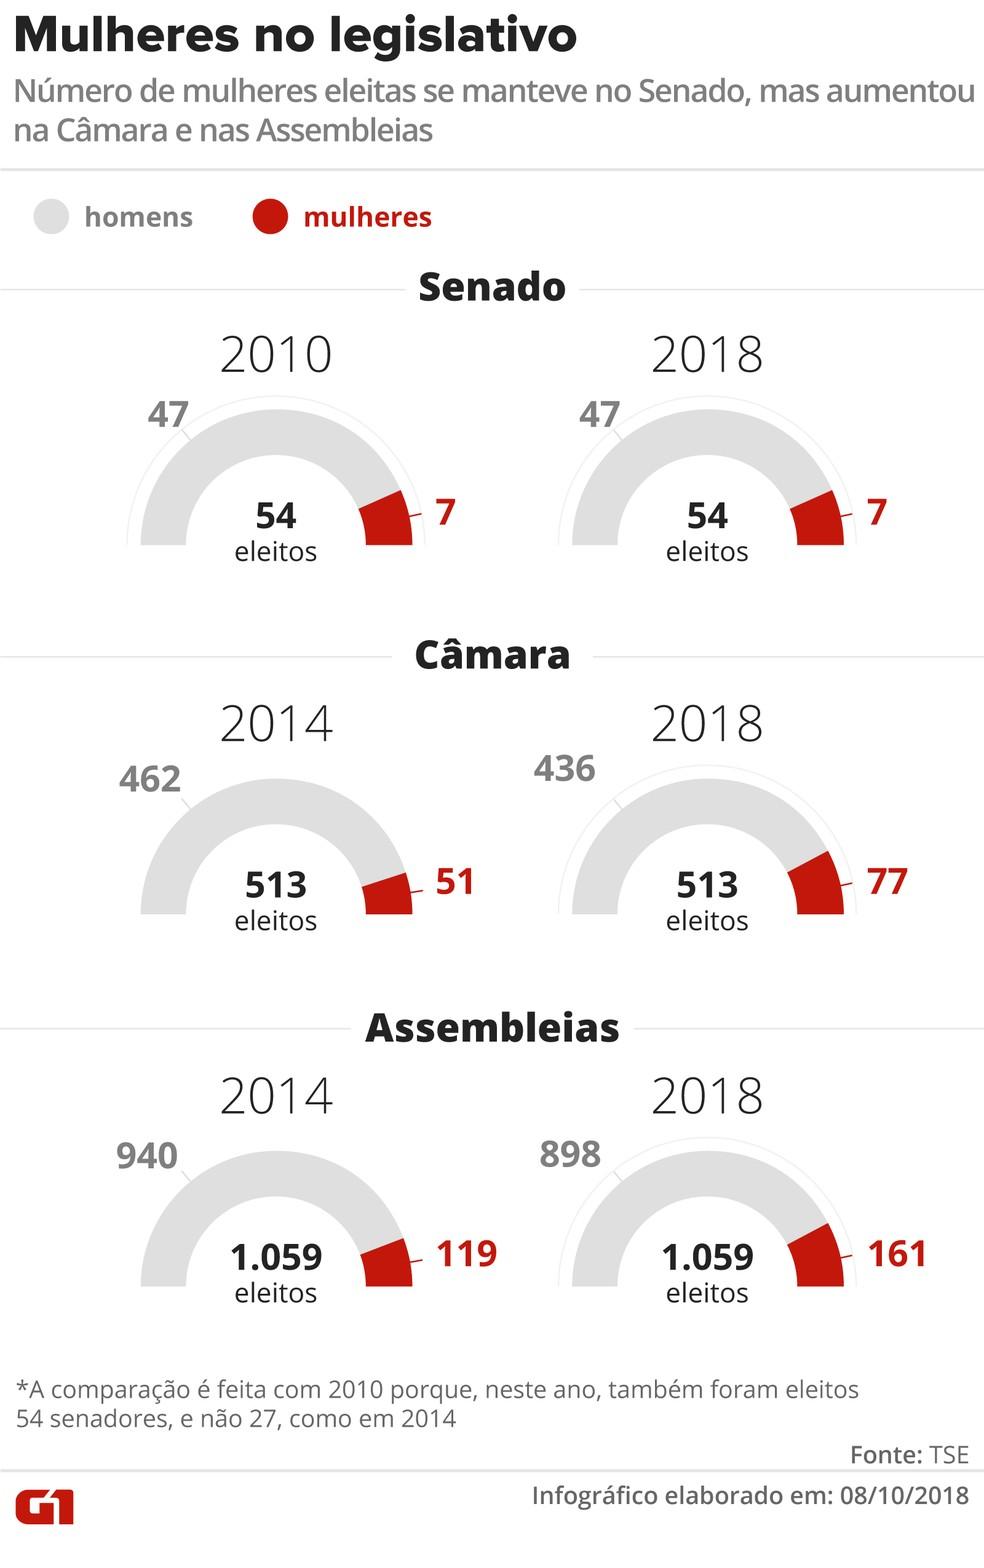 Mulheres no legislativo: número de mulheres eleitas se manteve no Senado, mas aumentou na Câmara e nas Assembleias (Foto: Juliane Souza / G1)